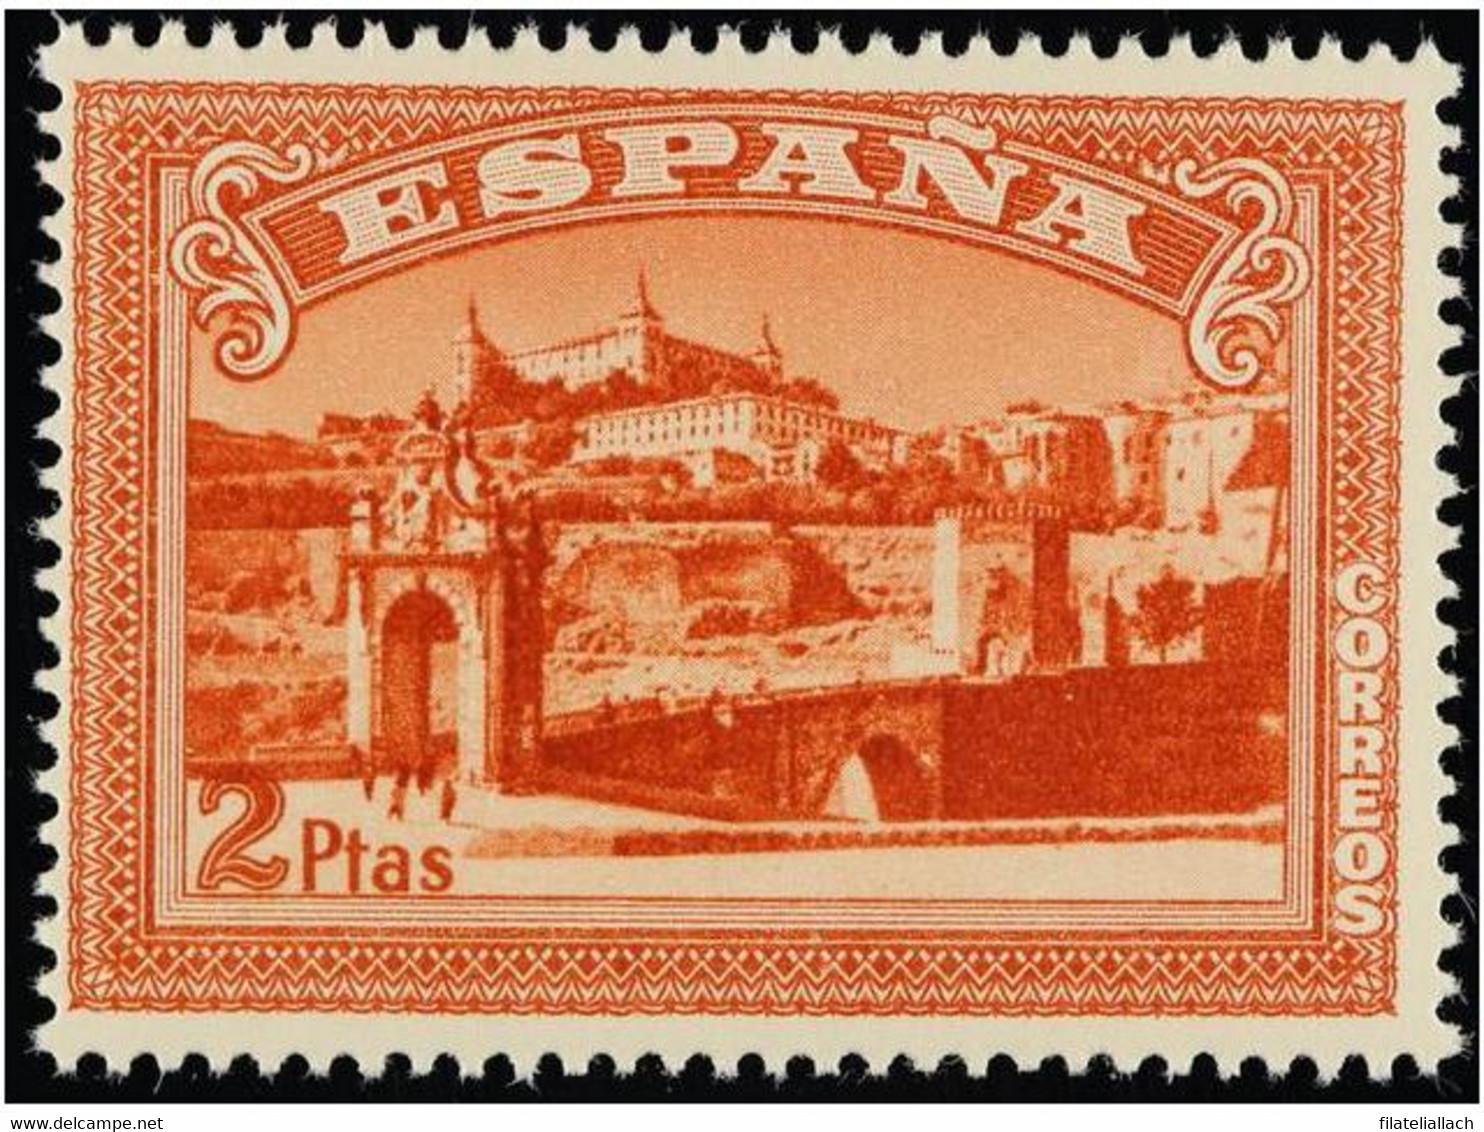 SPAIN: ESTADO ESPAÑOL 1936-1949 - Non Classificati